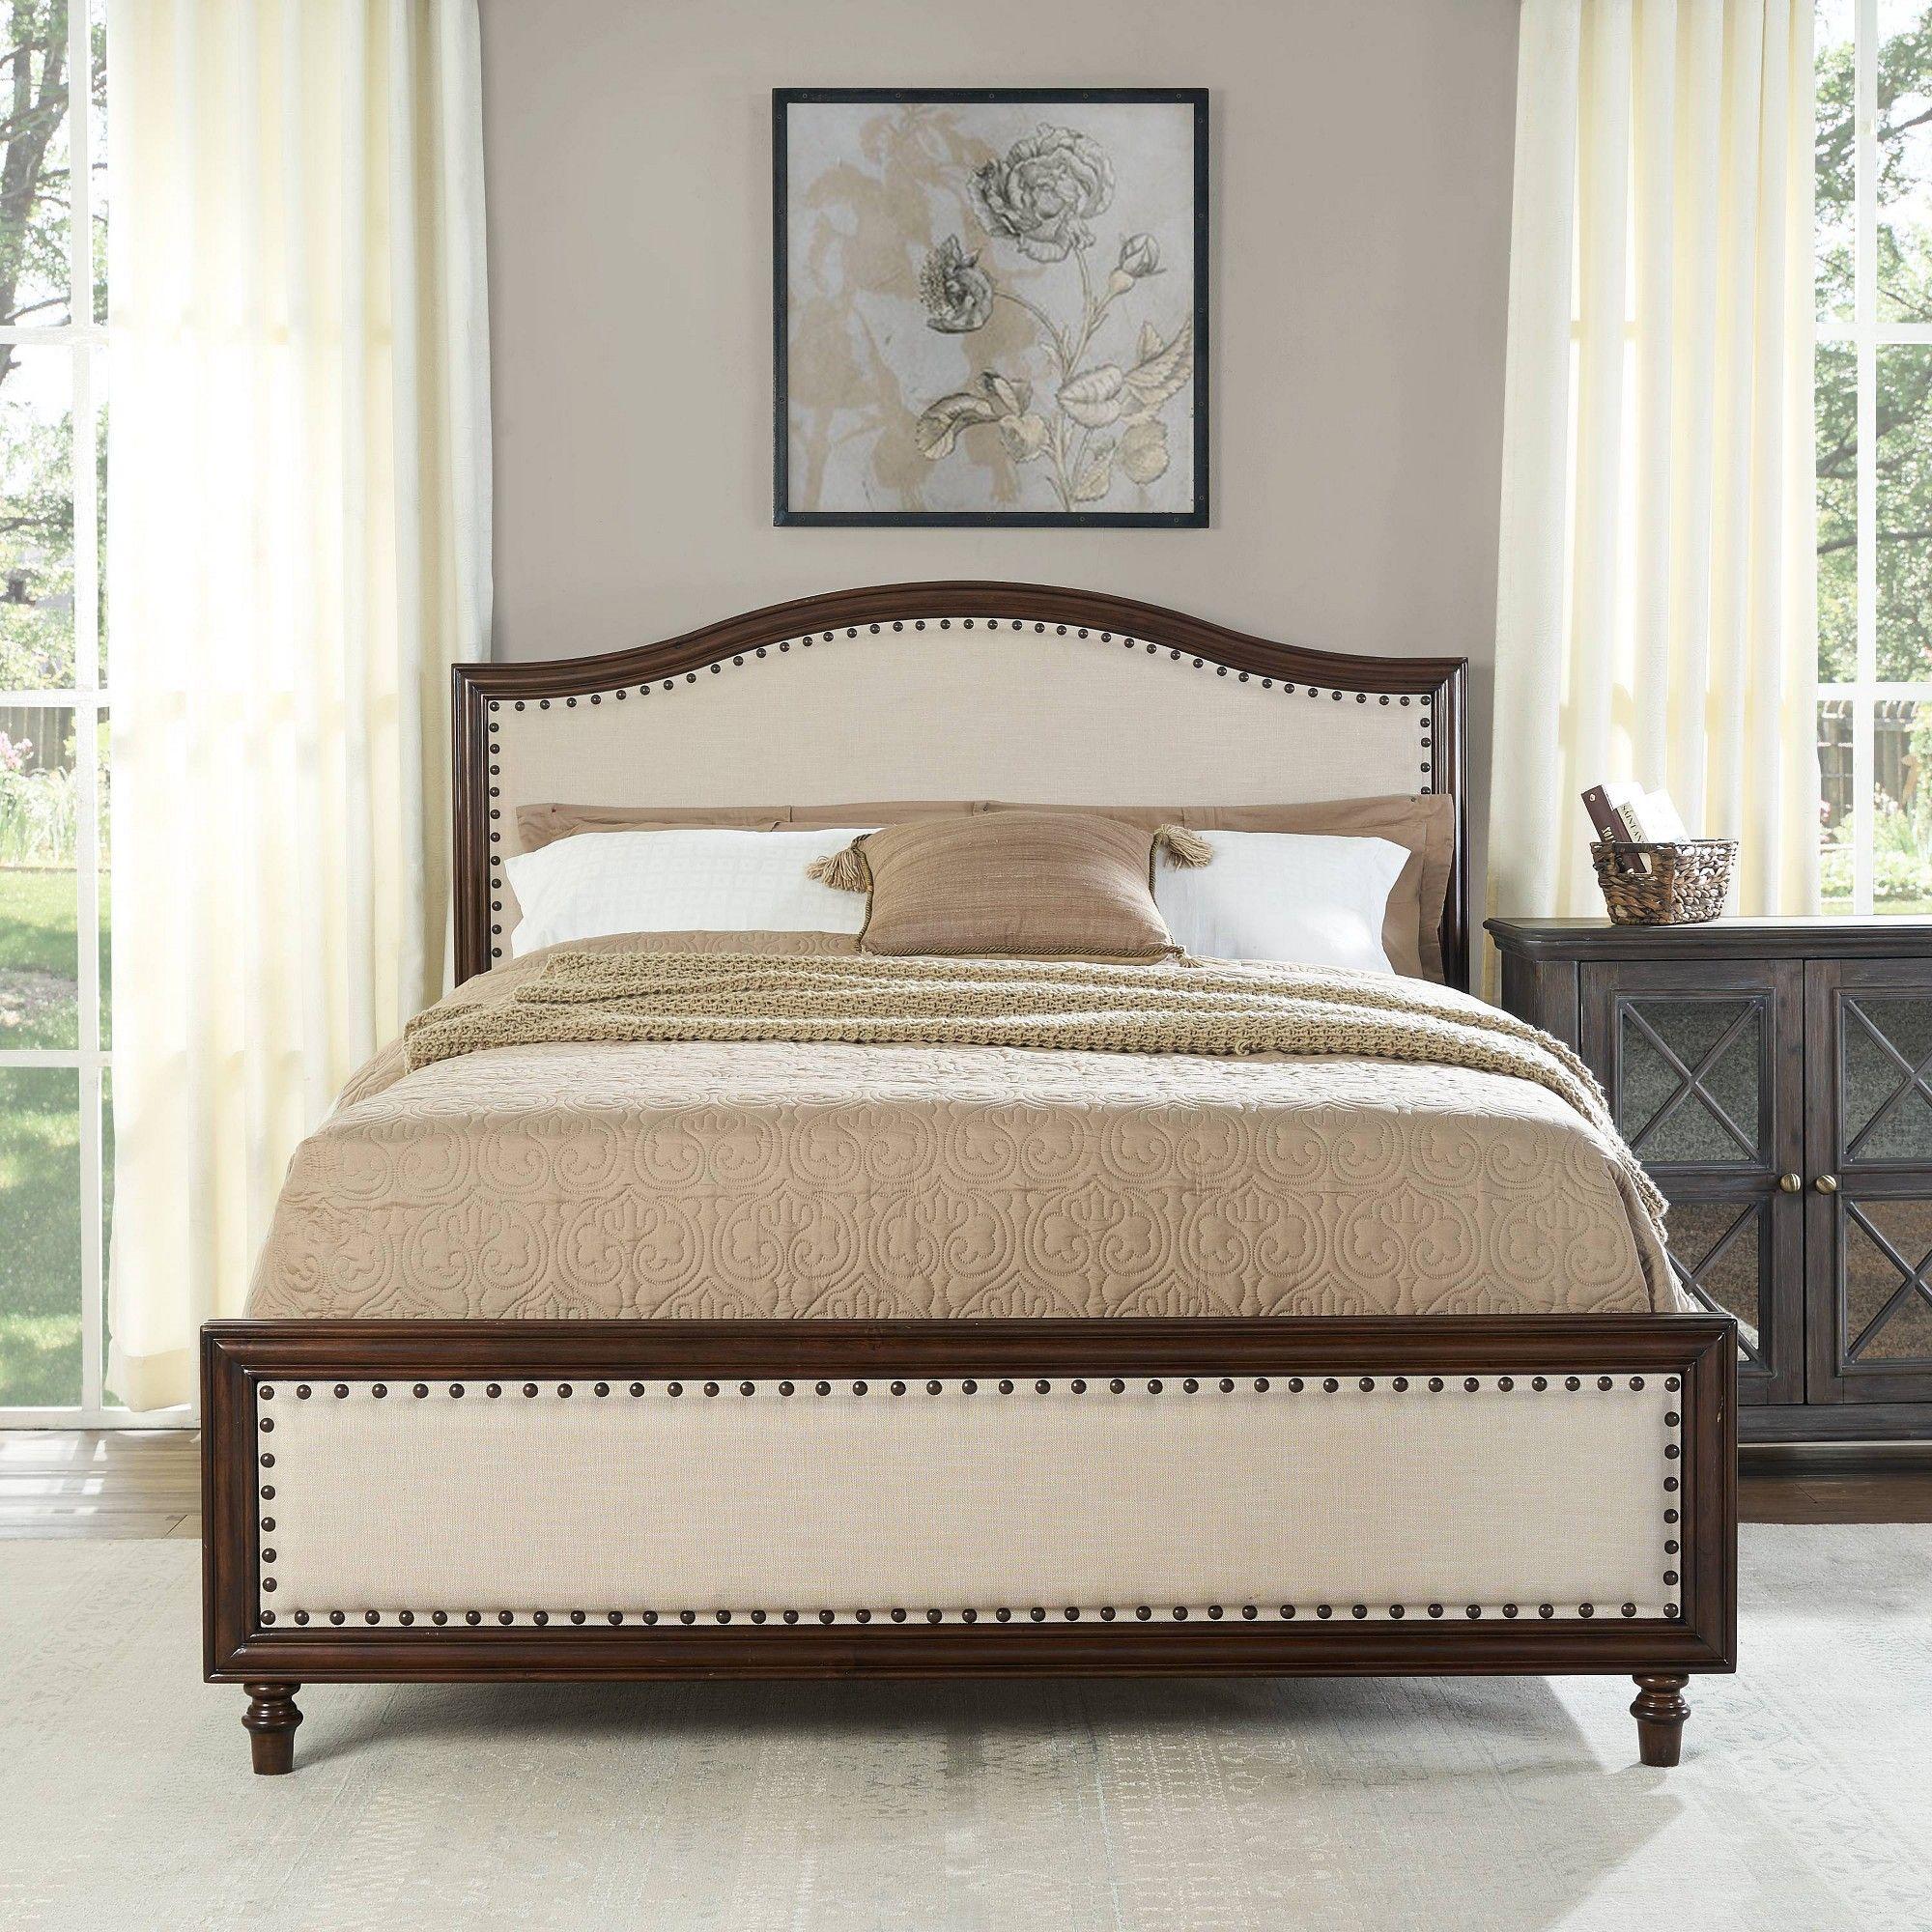 Felton Upholstered Queen Bedset Cream Crosley, Adult